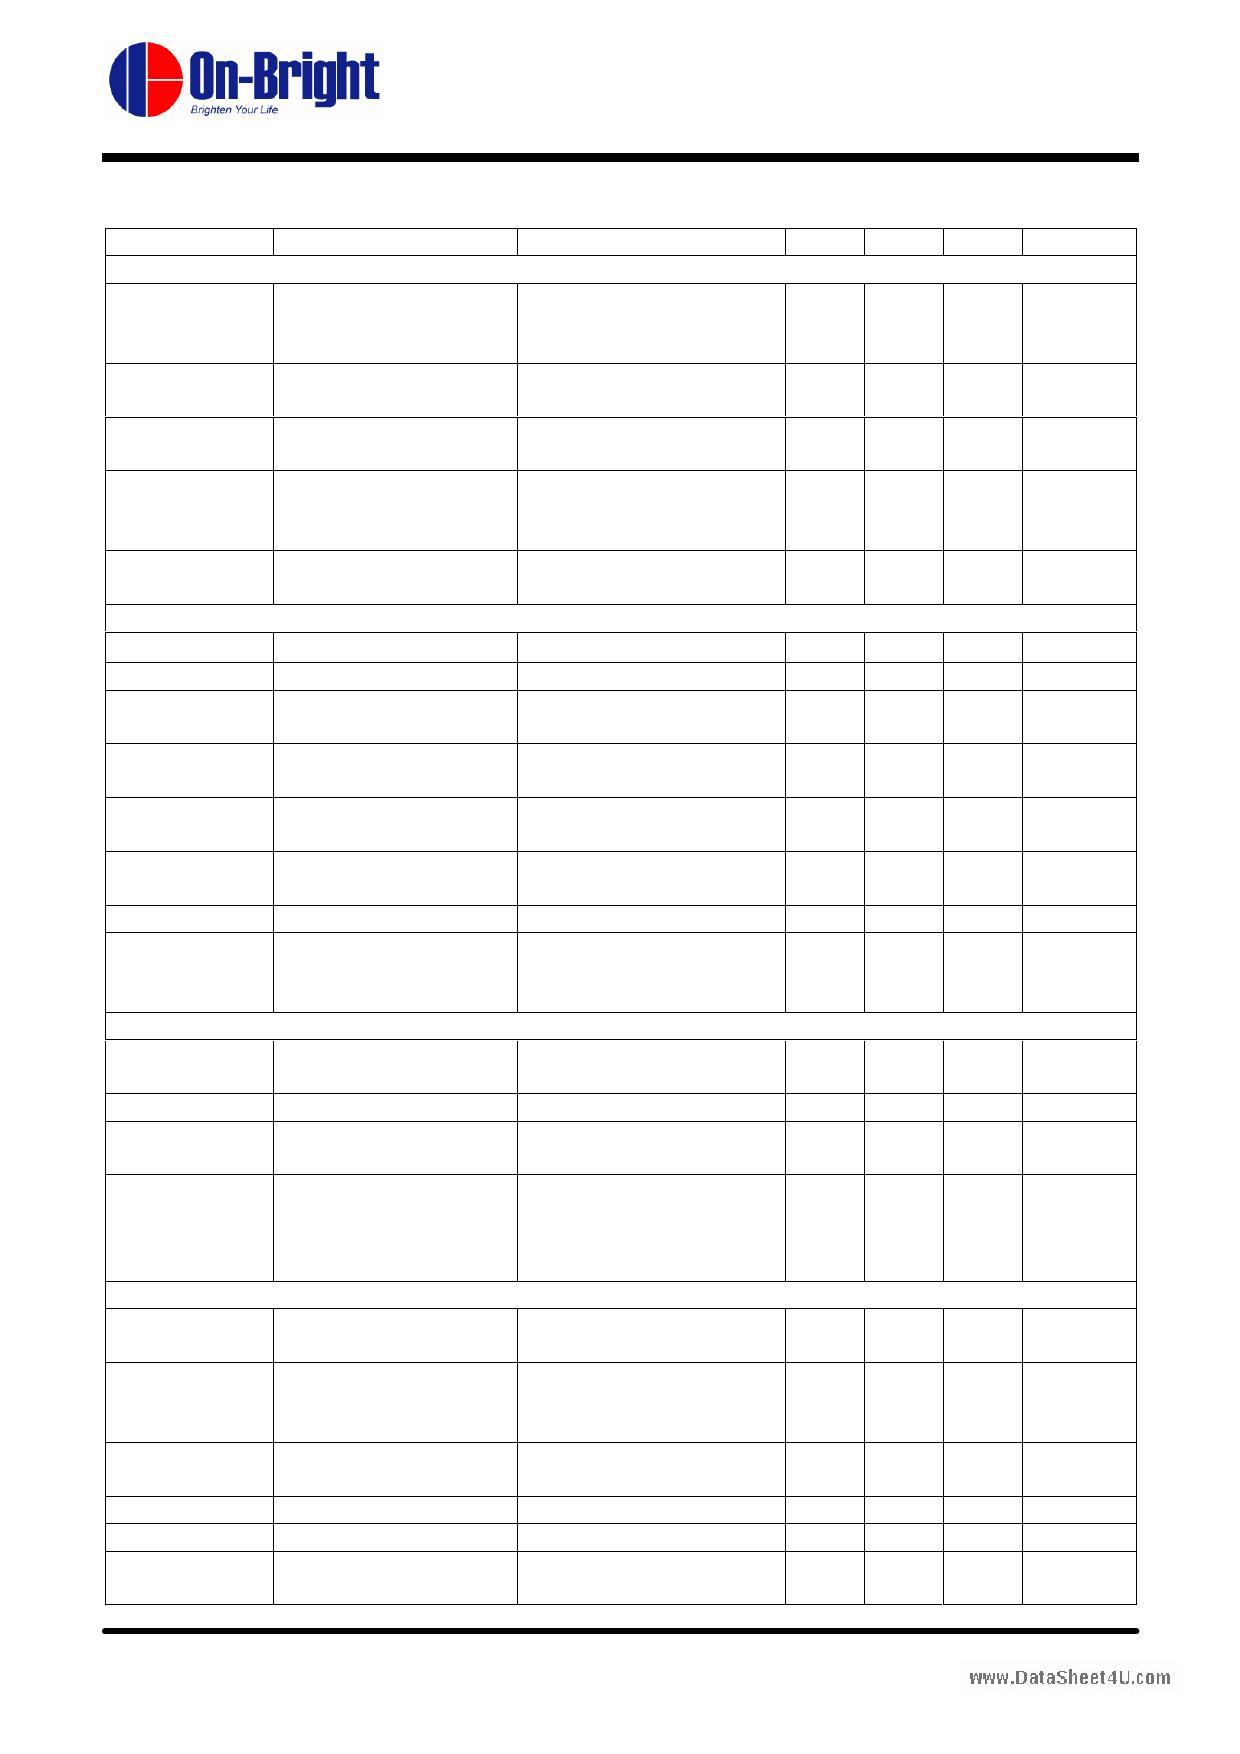 OB2262 pdf